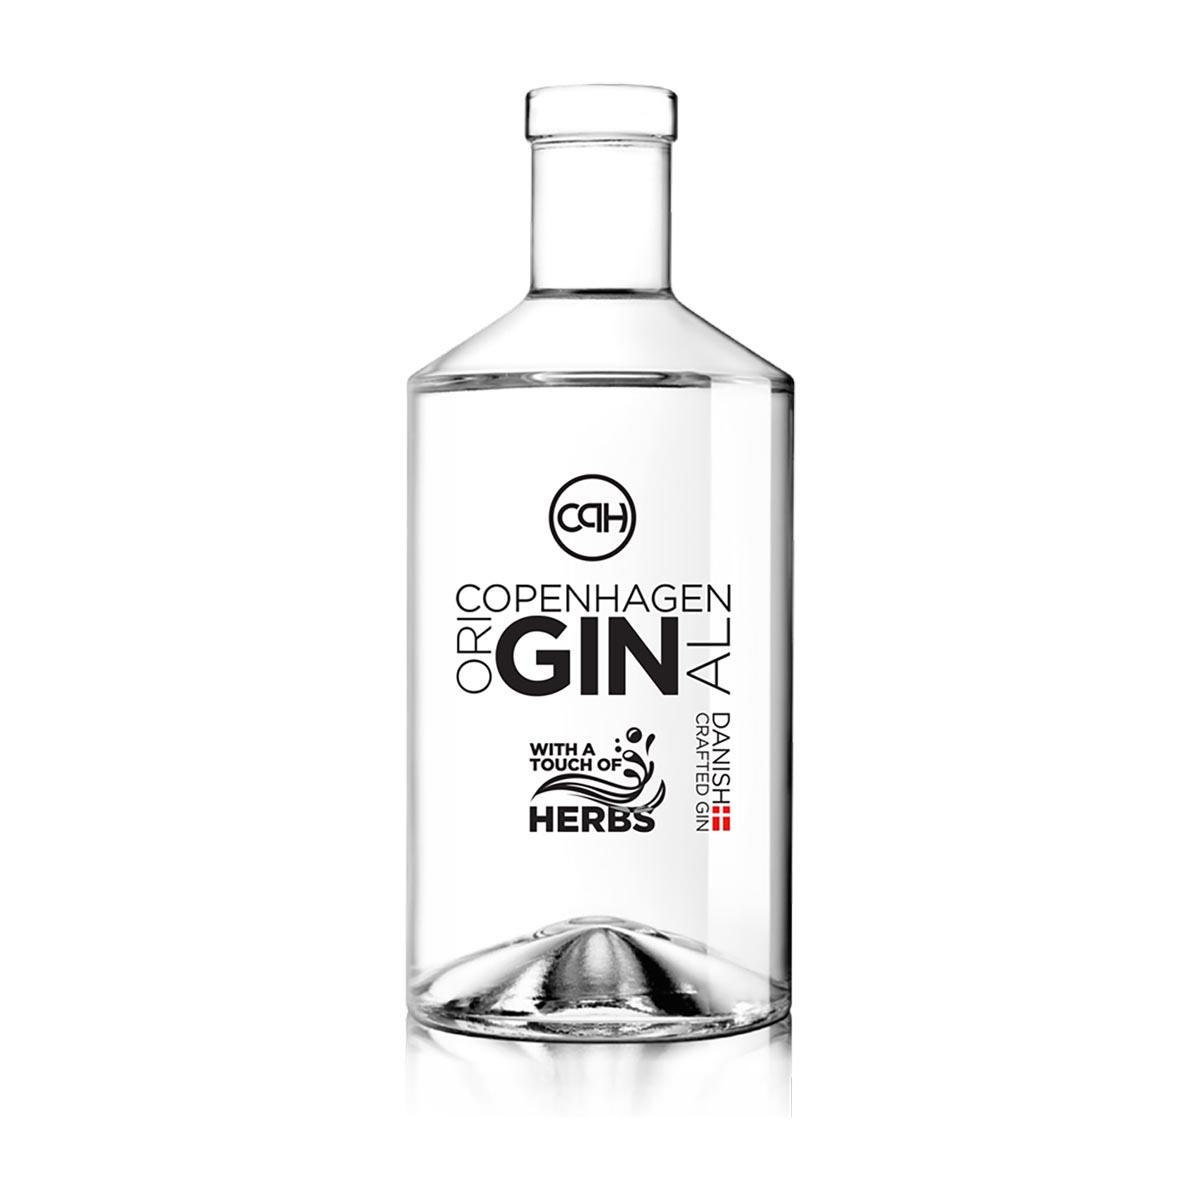 CPH oriGinal gin Herbs